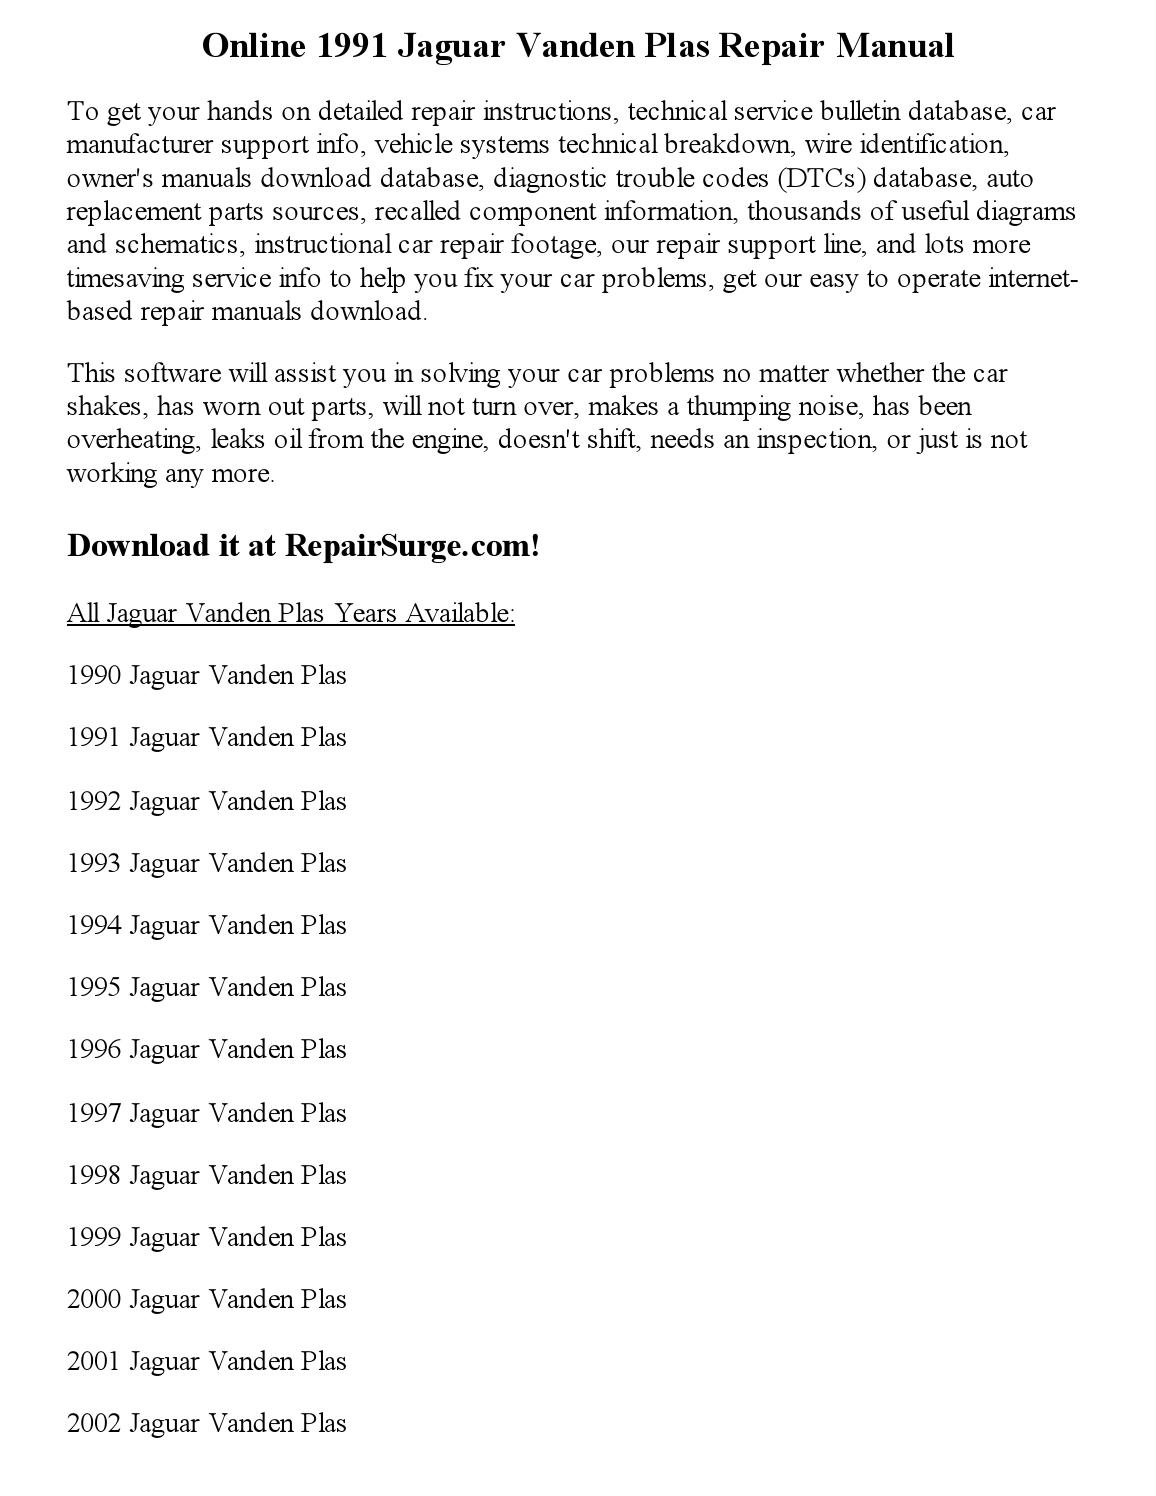 1991 jaguar vanden plas repair manual online by glen d